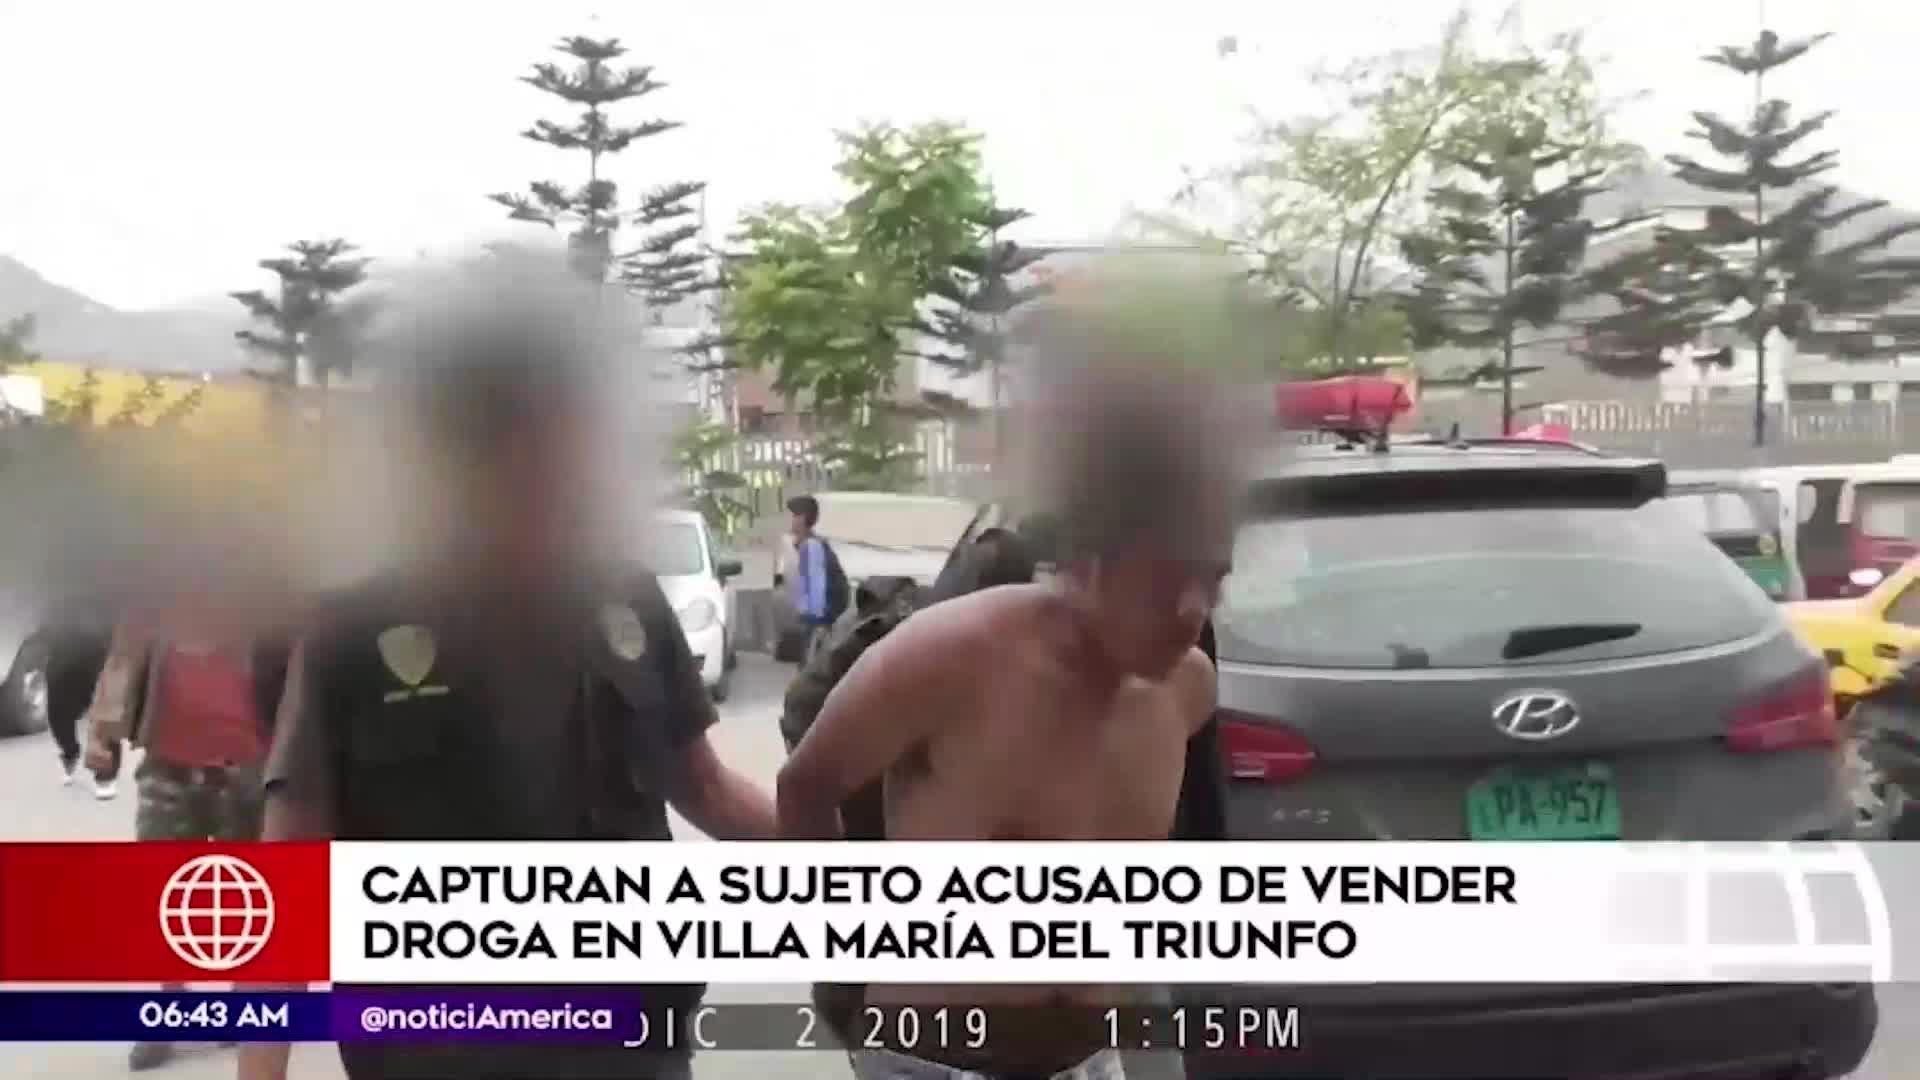 Cae sujeto que vendía droga en Villa María del Triunfo